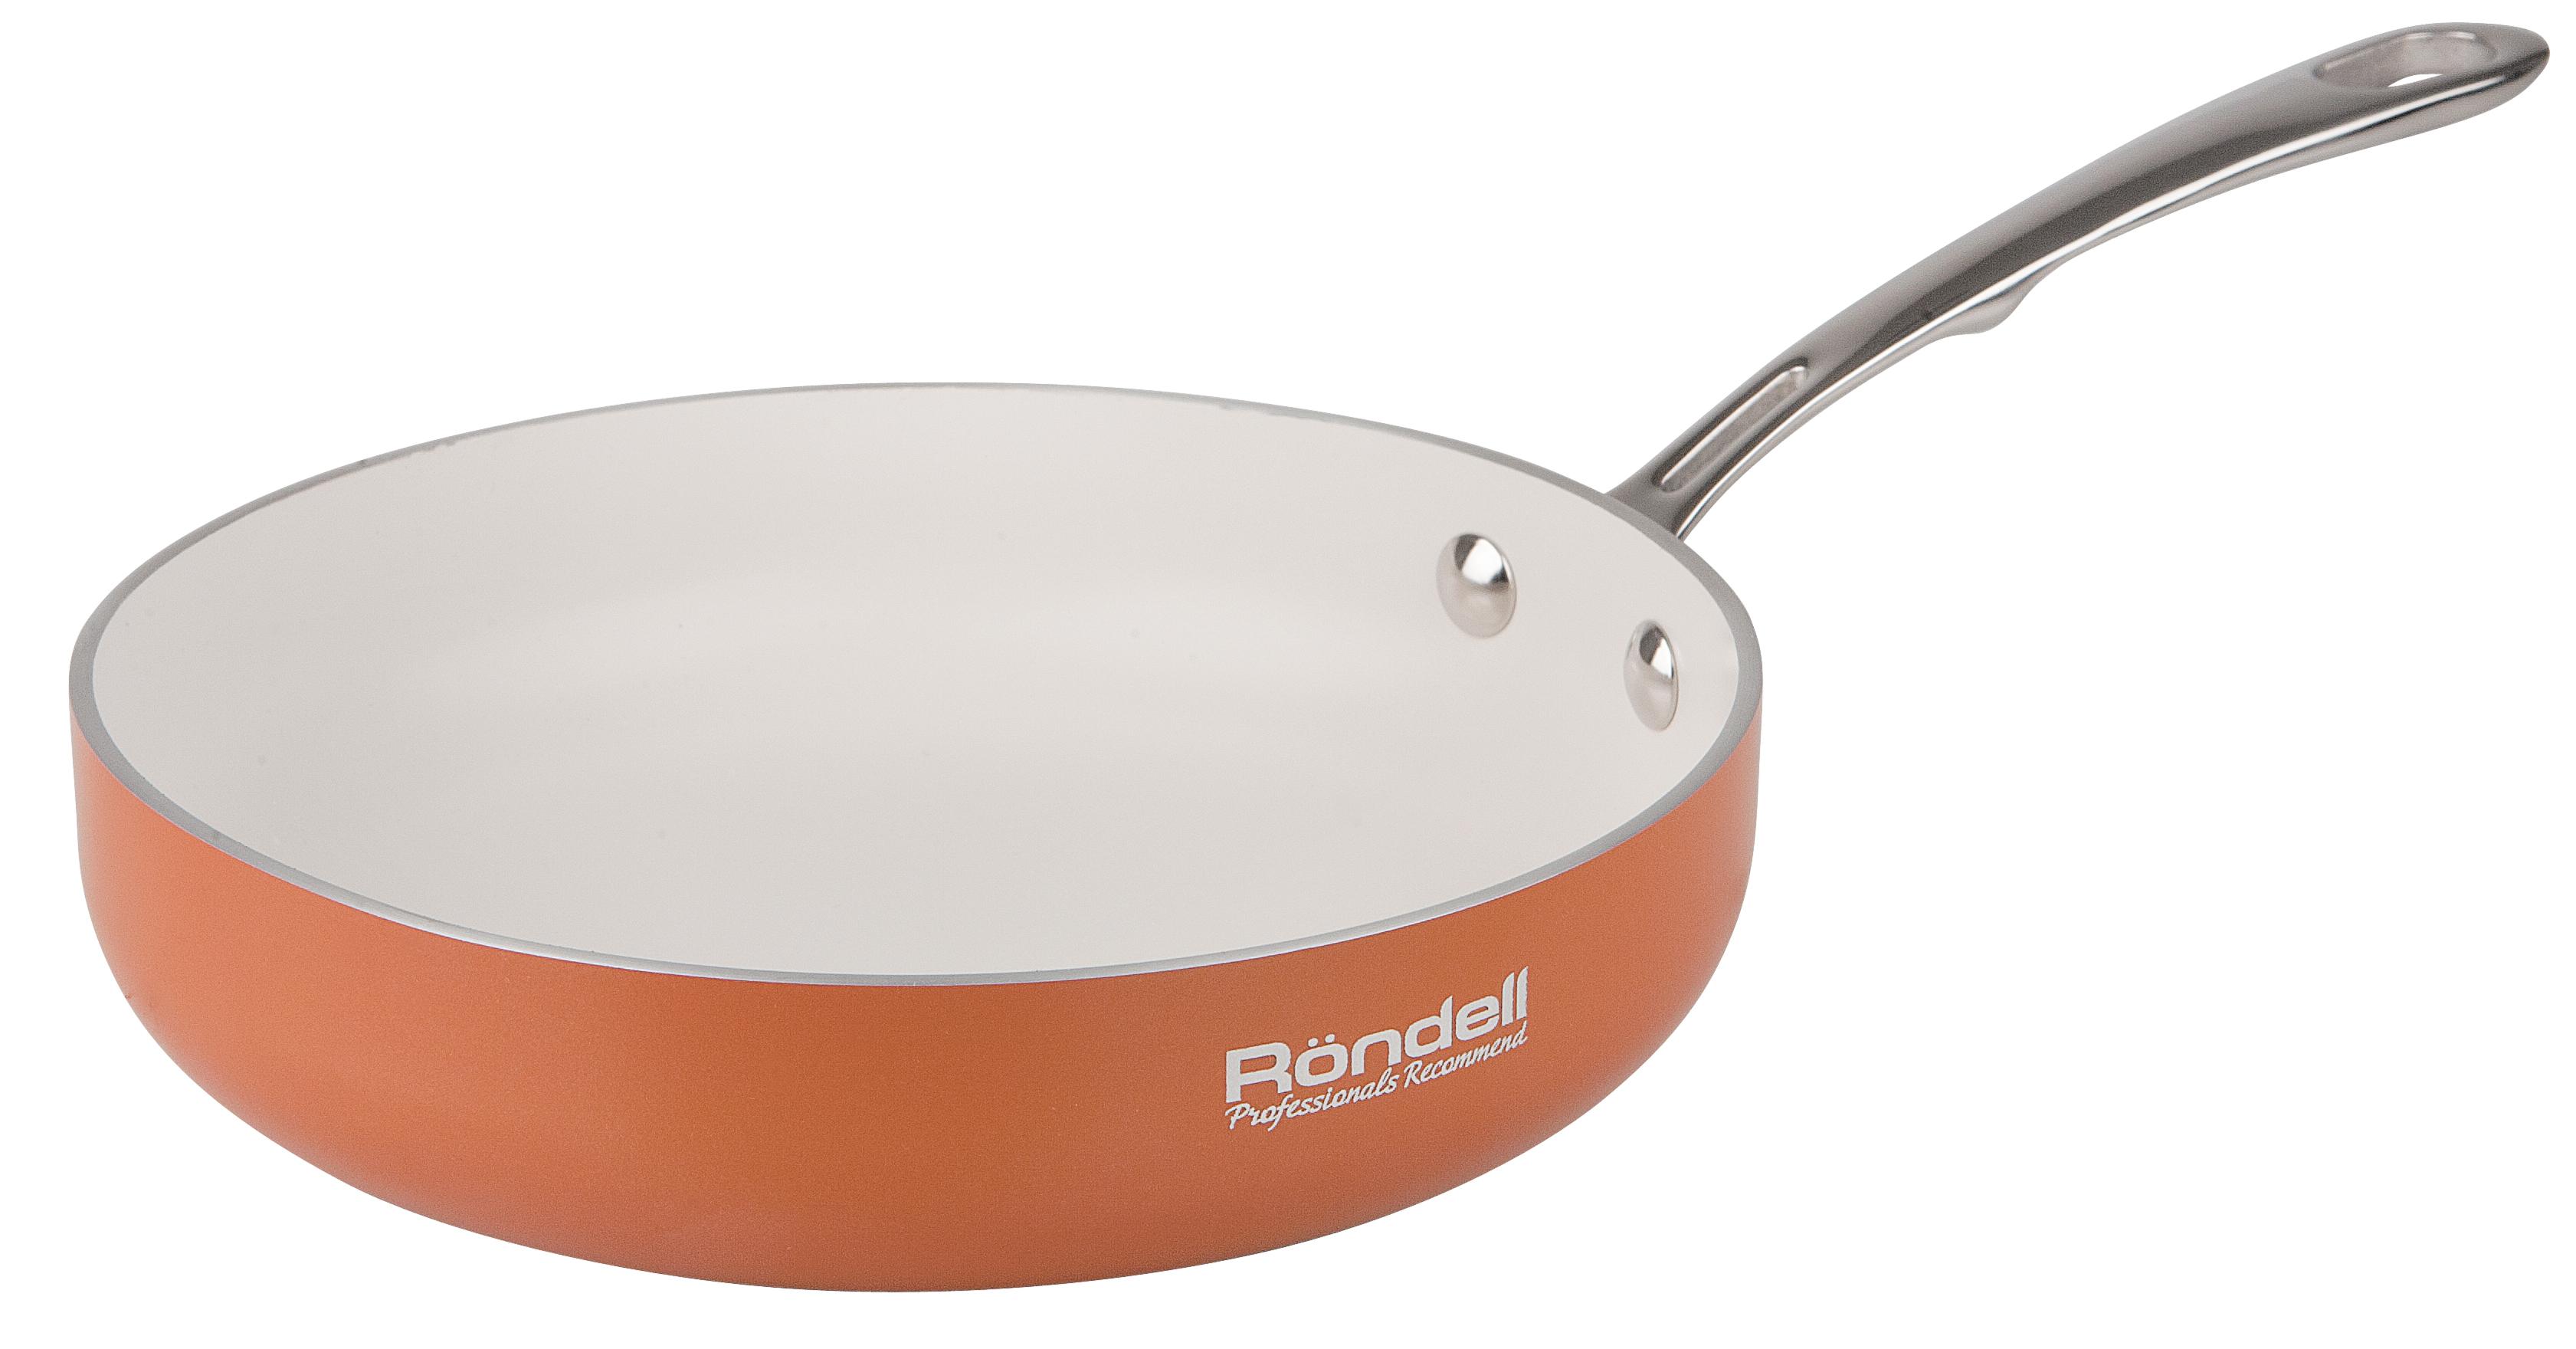 Сковорода RondellСковороды<br>Тип: сковорода,<br>Материал: алюминий,<br>Диаметр: 240,<br>Покрытие чаши: антипригарное<br>